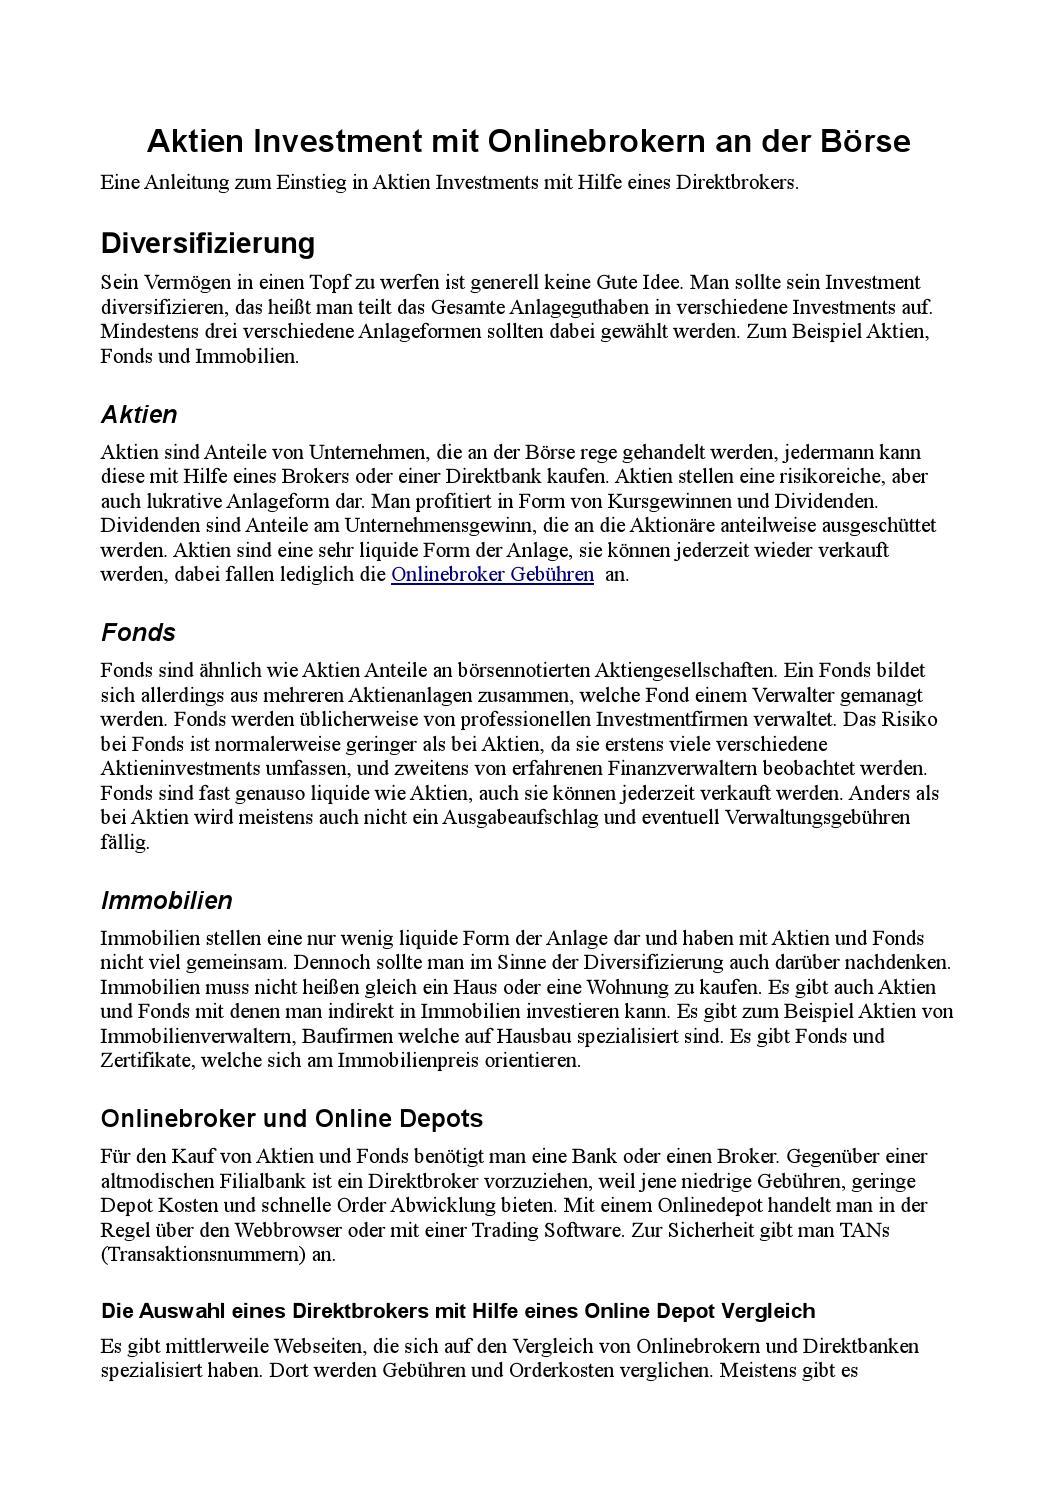 Aktien Kaufen Online Broker Depot Vergleich By Der Broker Issuu